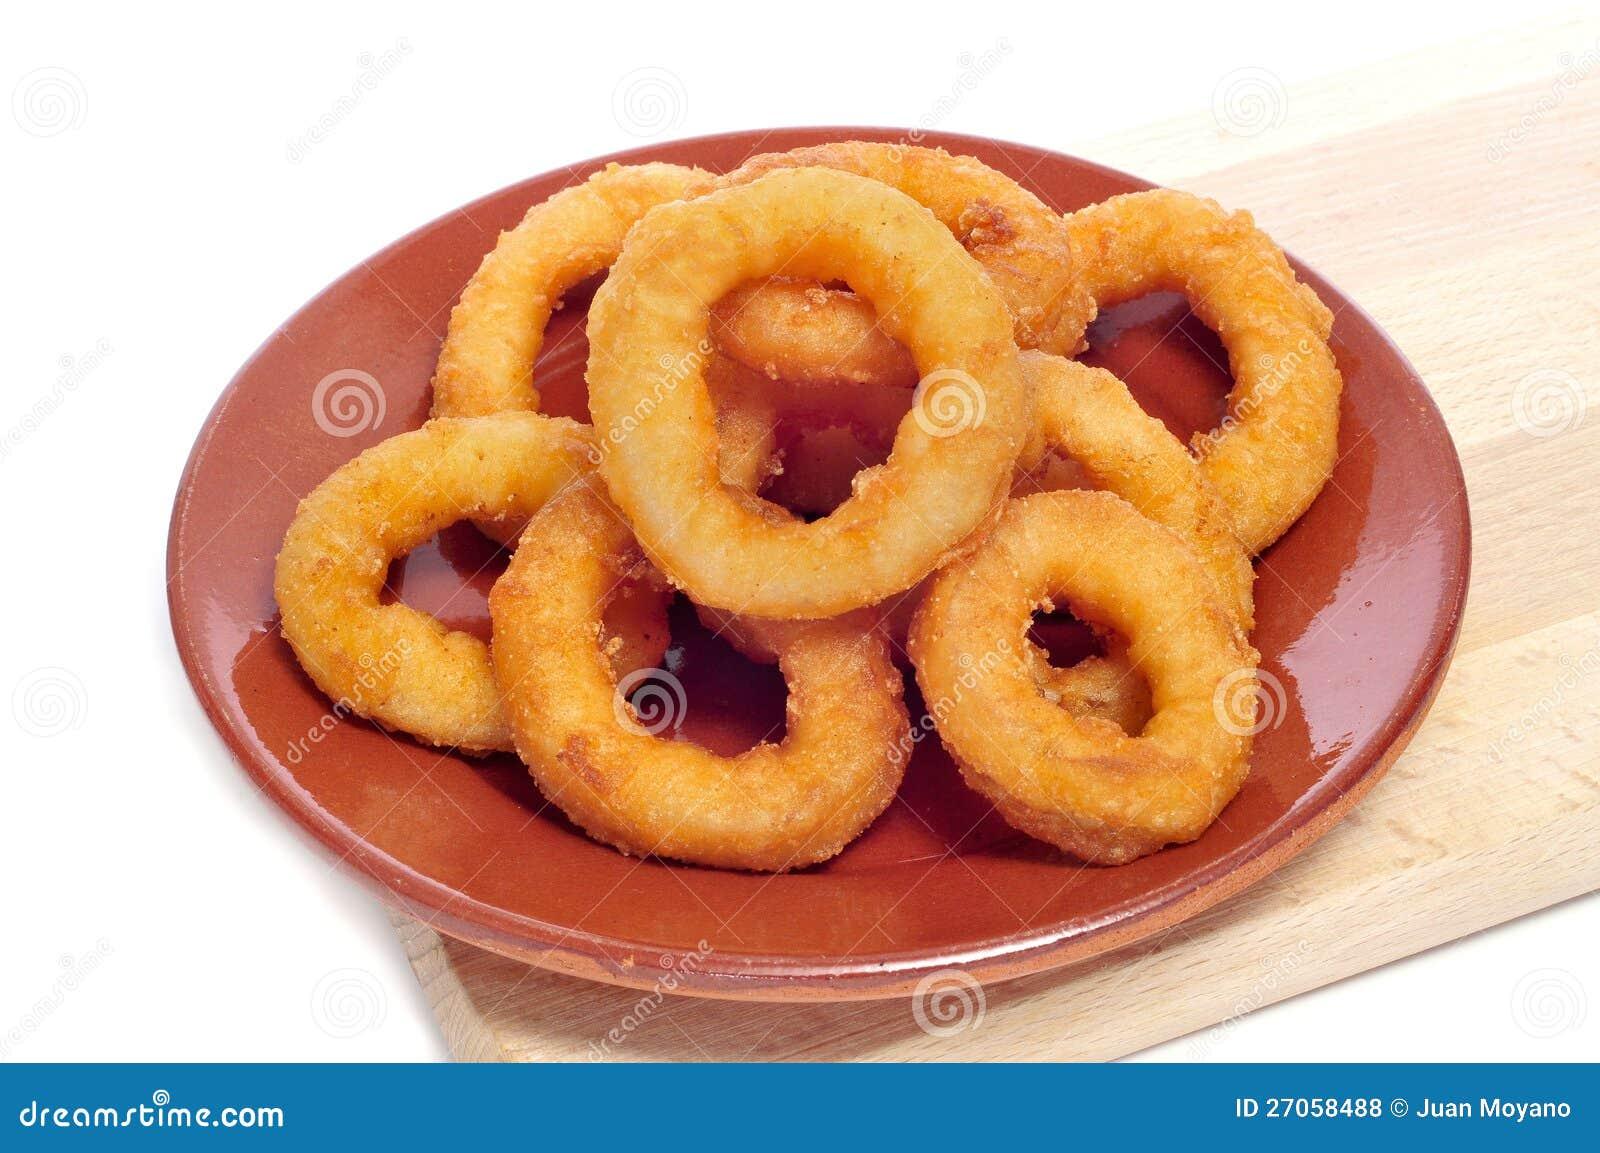 how to cook squid rings tender